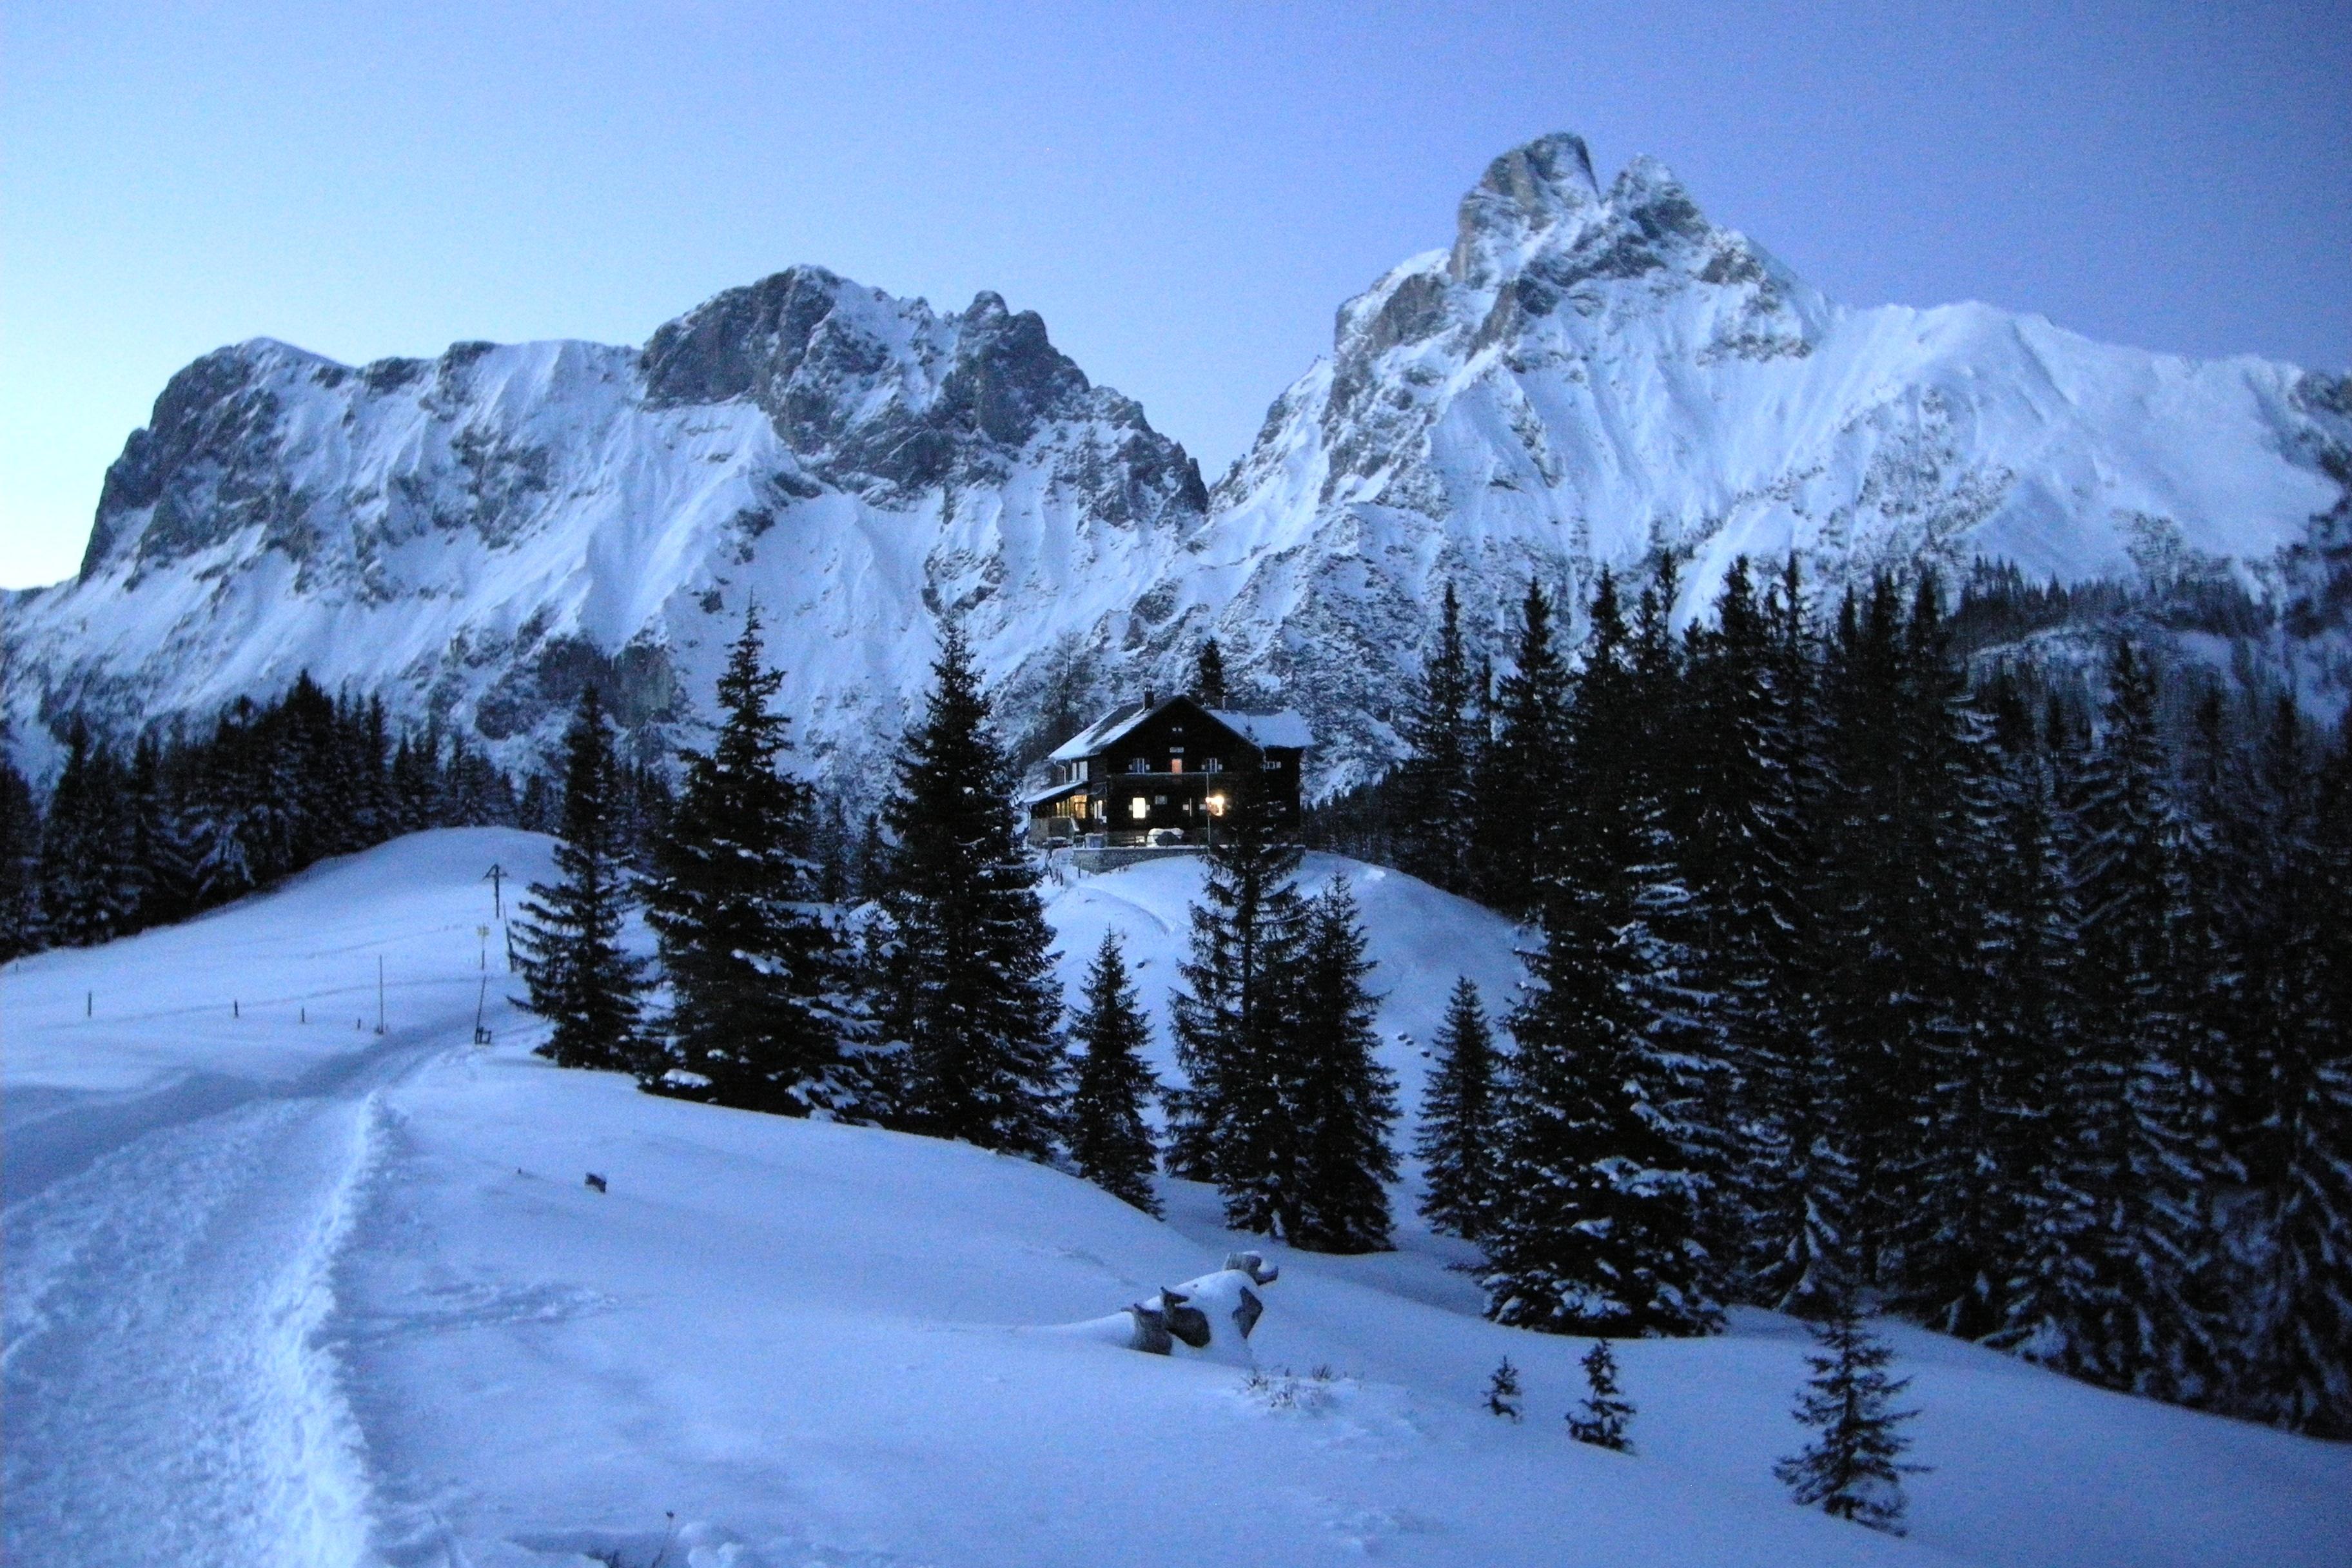 художественные фотографии заснеженных альп поднял руки